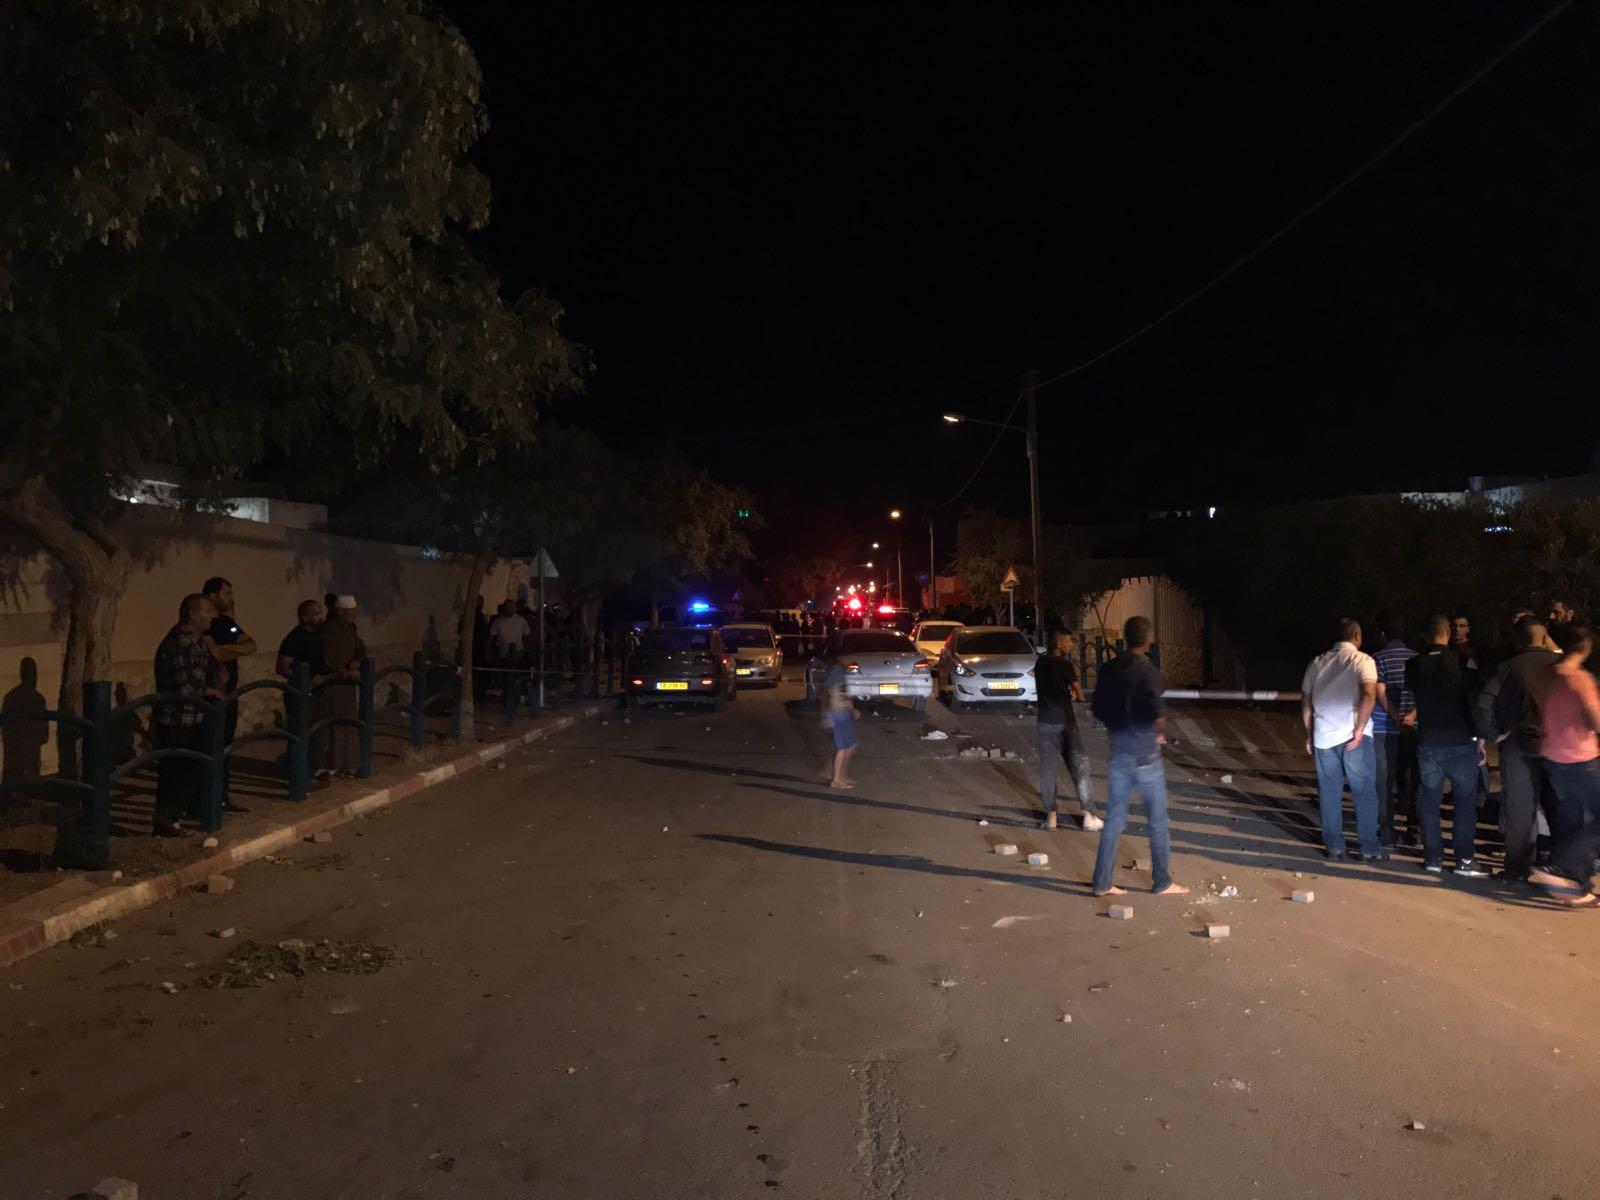 تل السبع: قتيل وإصابات بإطلاق نار وإعلان الإضراب غدا الخميس